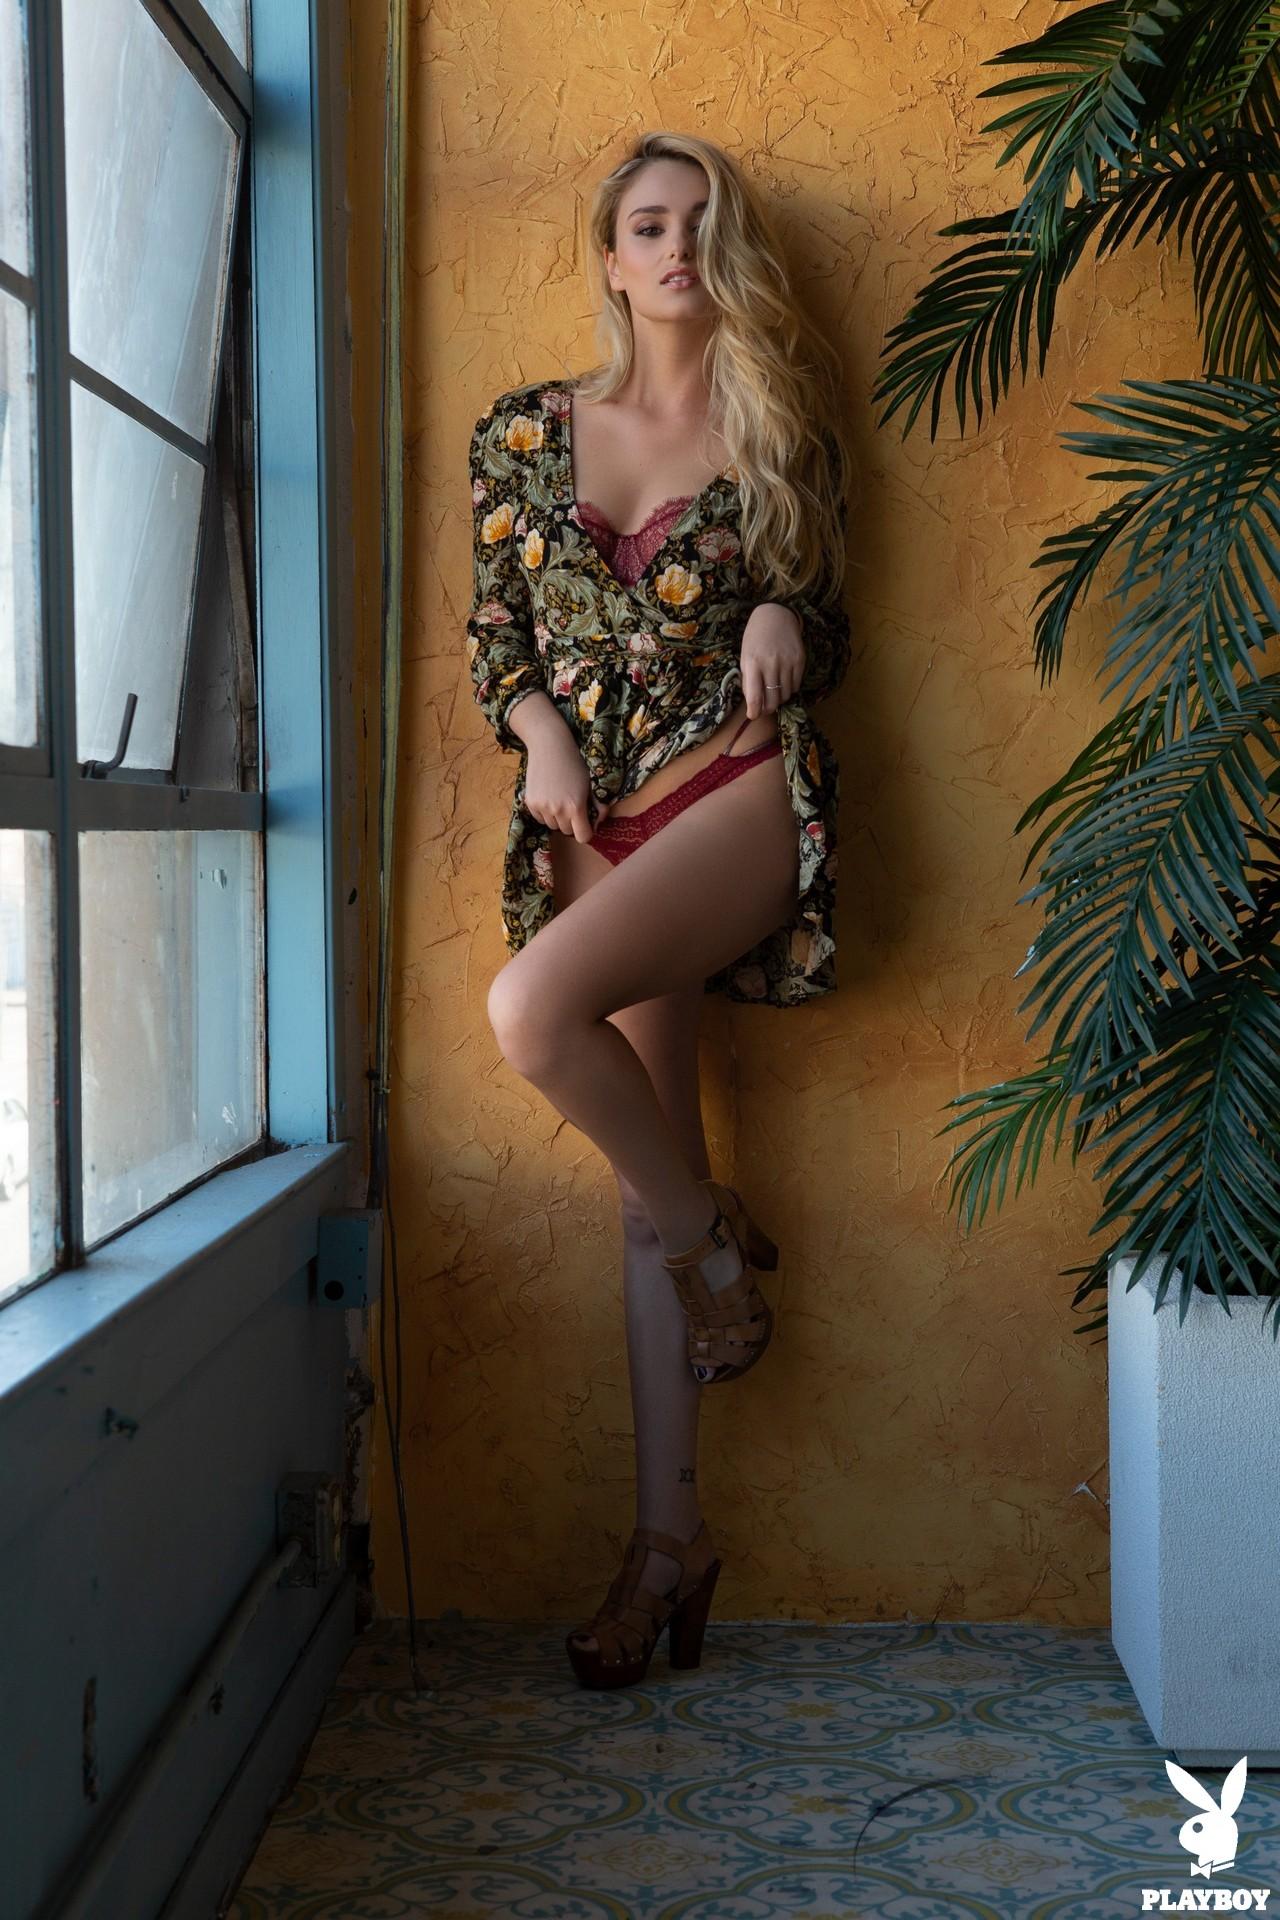 Lindsay Marie In Something Comfortable Playboy Plus (31)